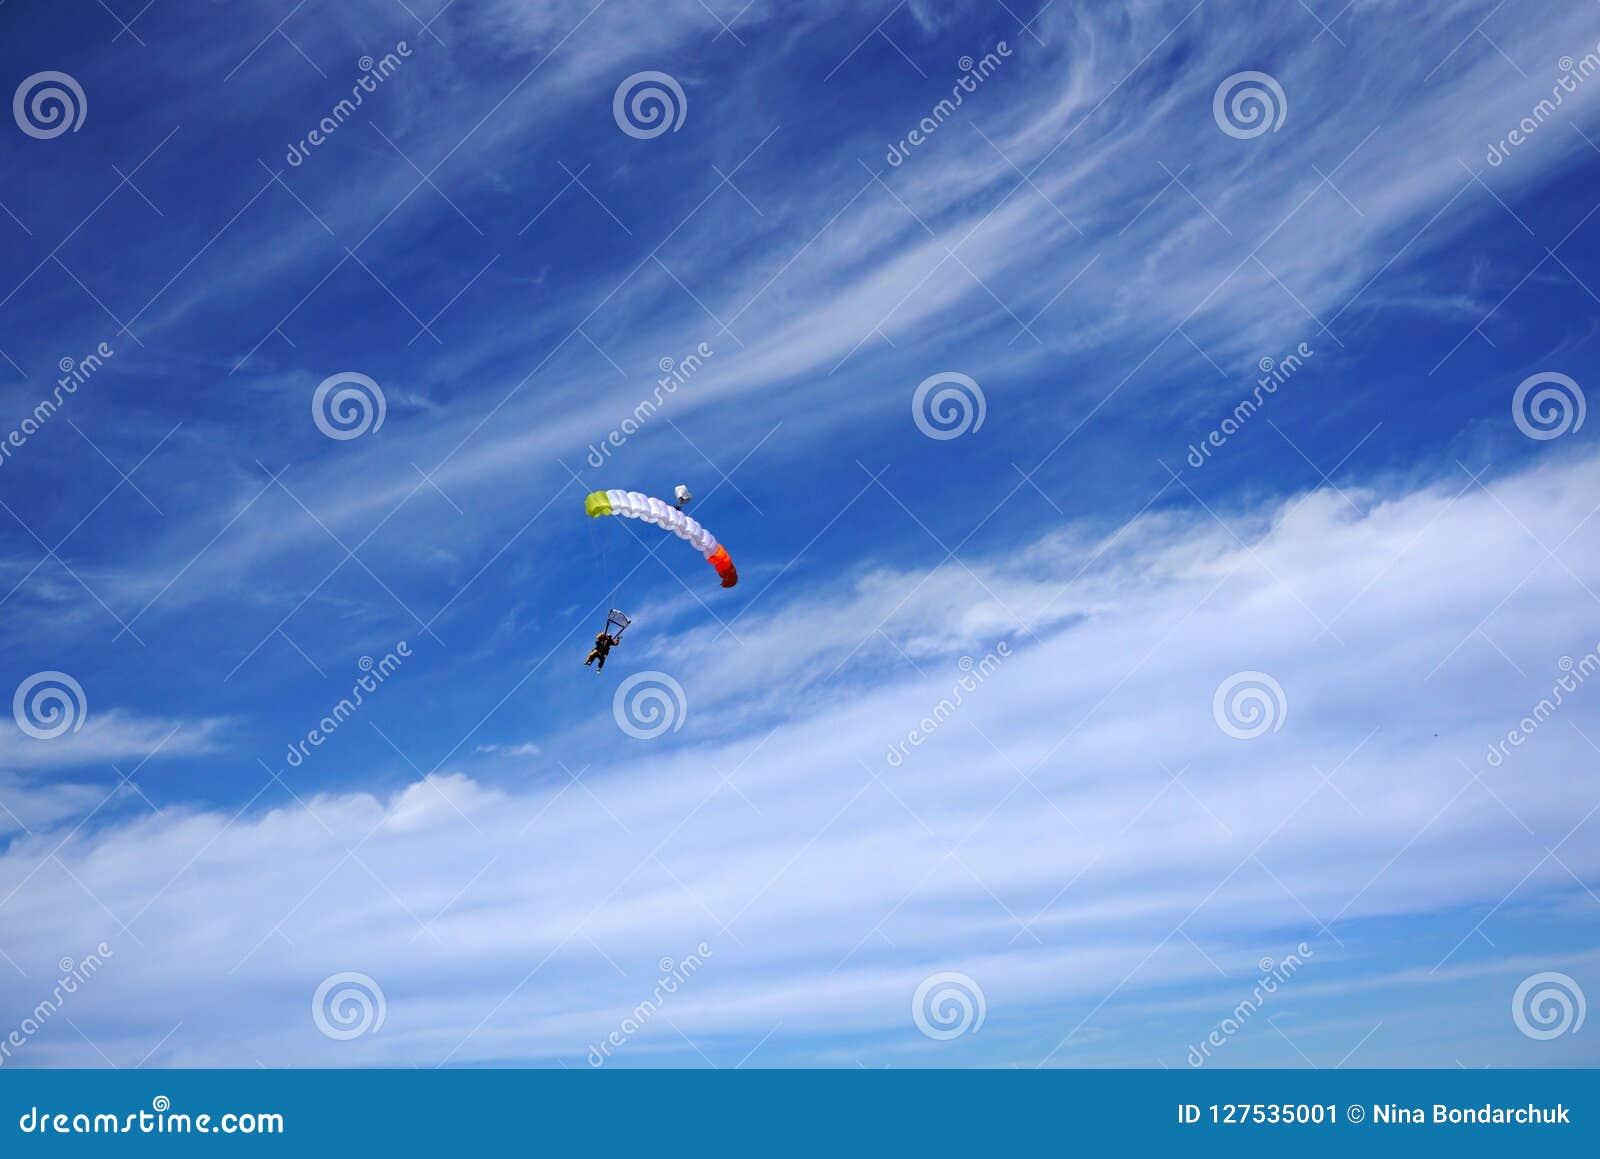 明亮的有两个跳伞运动员的颜色纵排机盖 套头衫是flyin